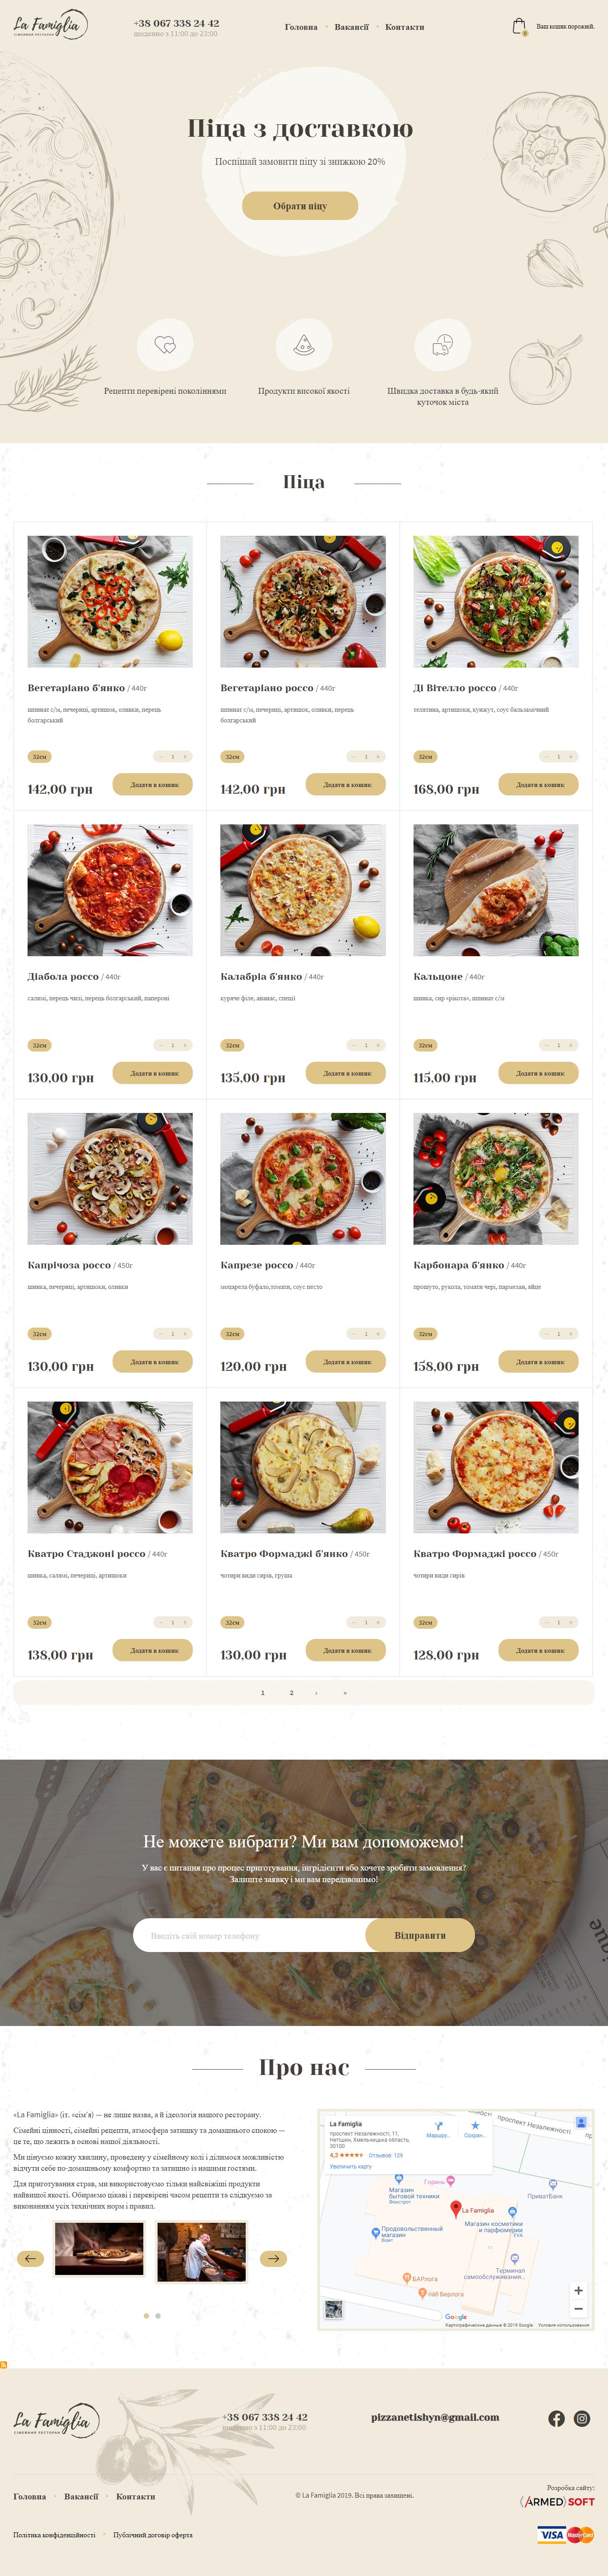 Famiglia Pizza